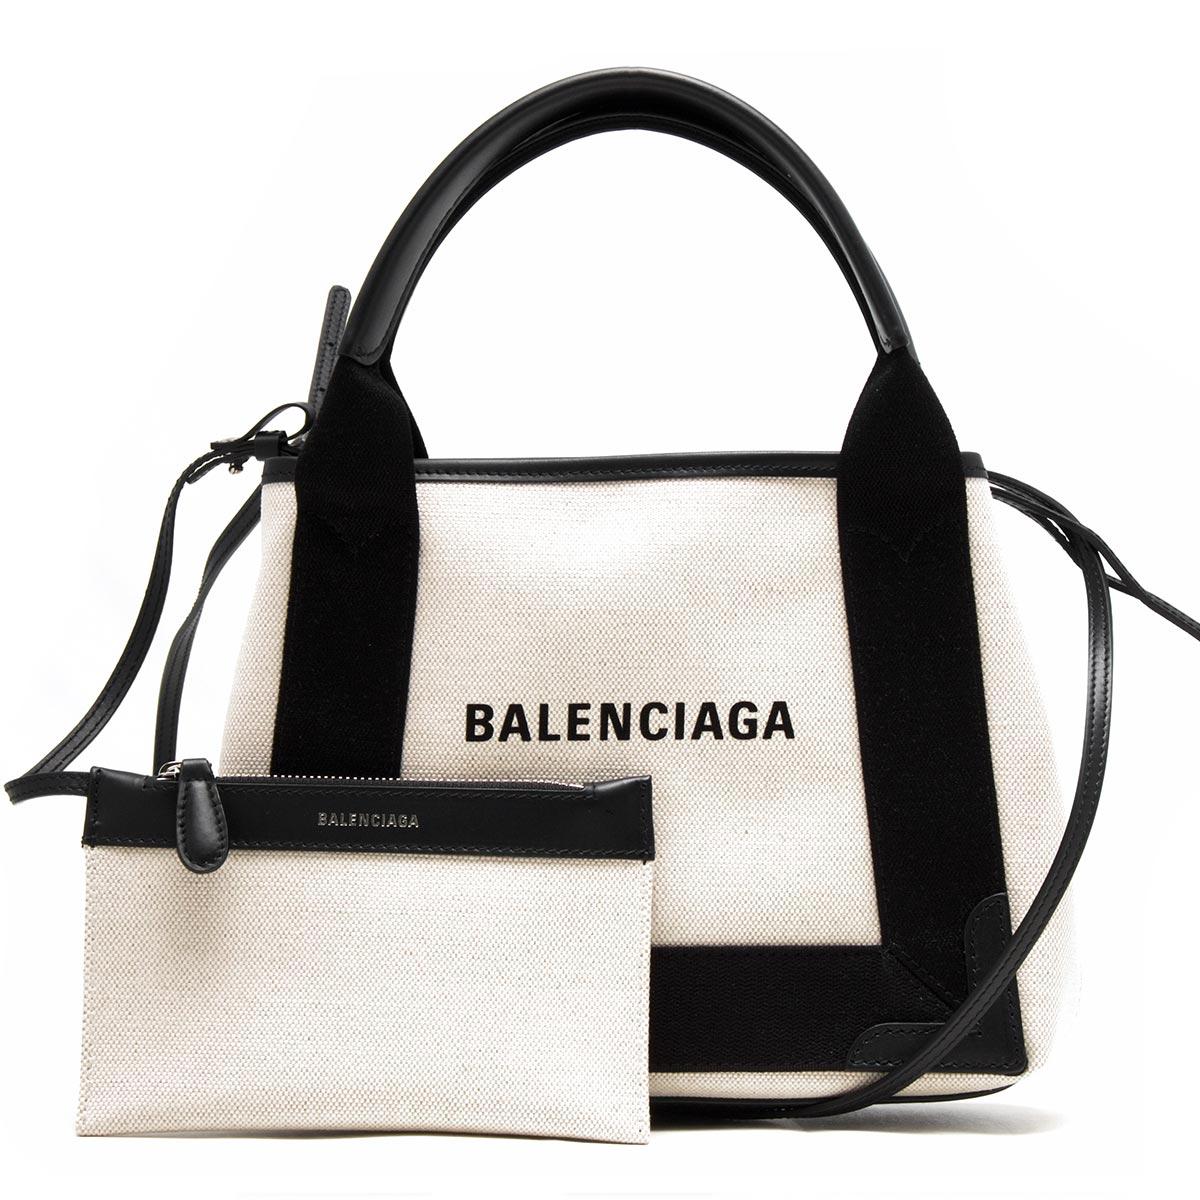 [送料無料][あす楽対応]バレンシアガ BALENCIAGA バッグ トートバッグ 390346 AQ38N 1081 【新品】 【X'masSALE】バレンシアガ トートバッグ バッグ レディース ネイビーカバス XS ブラックナチュラル 390346 AQ38N 1081 BALENCIAGA